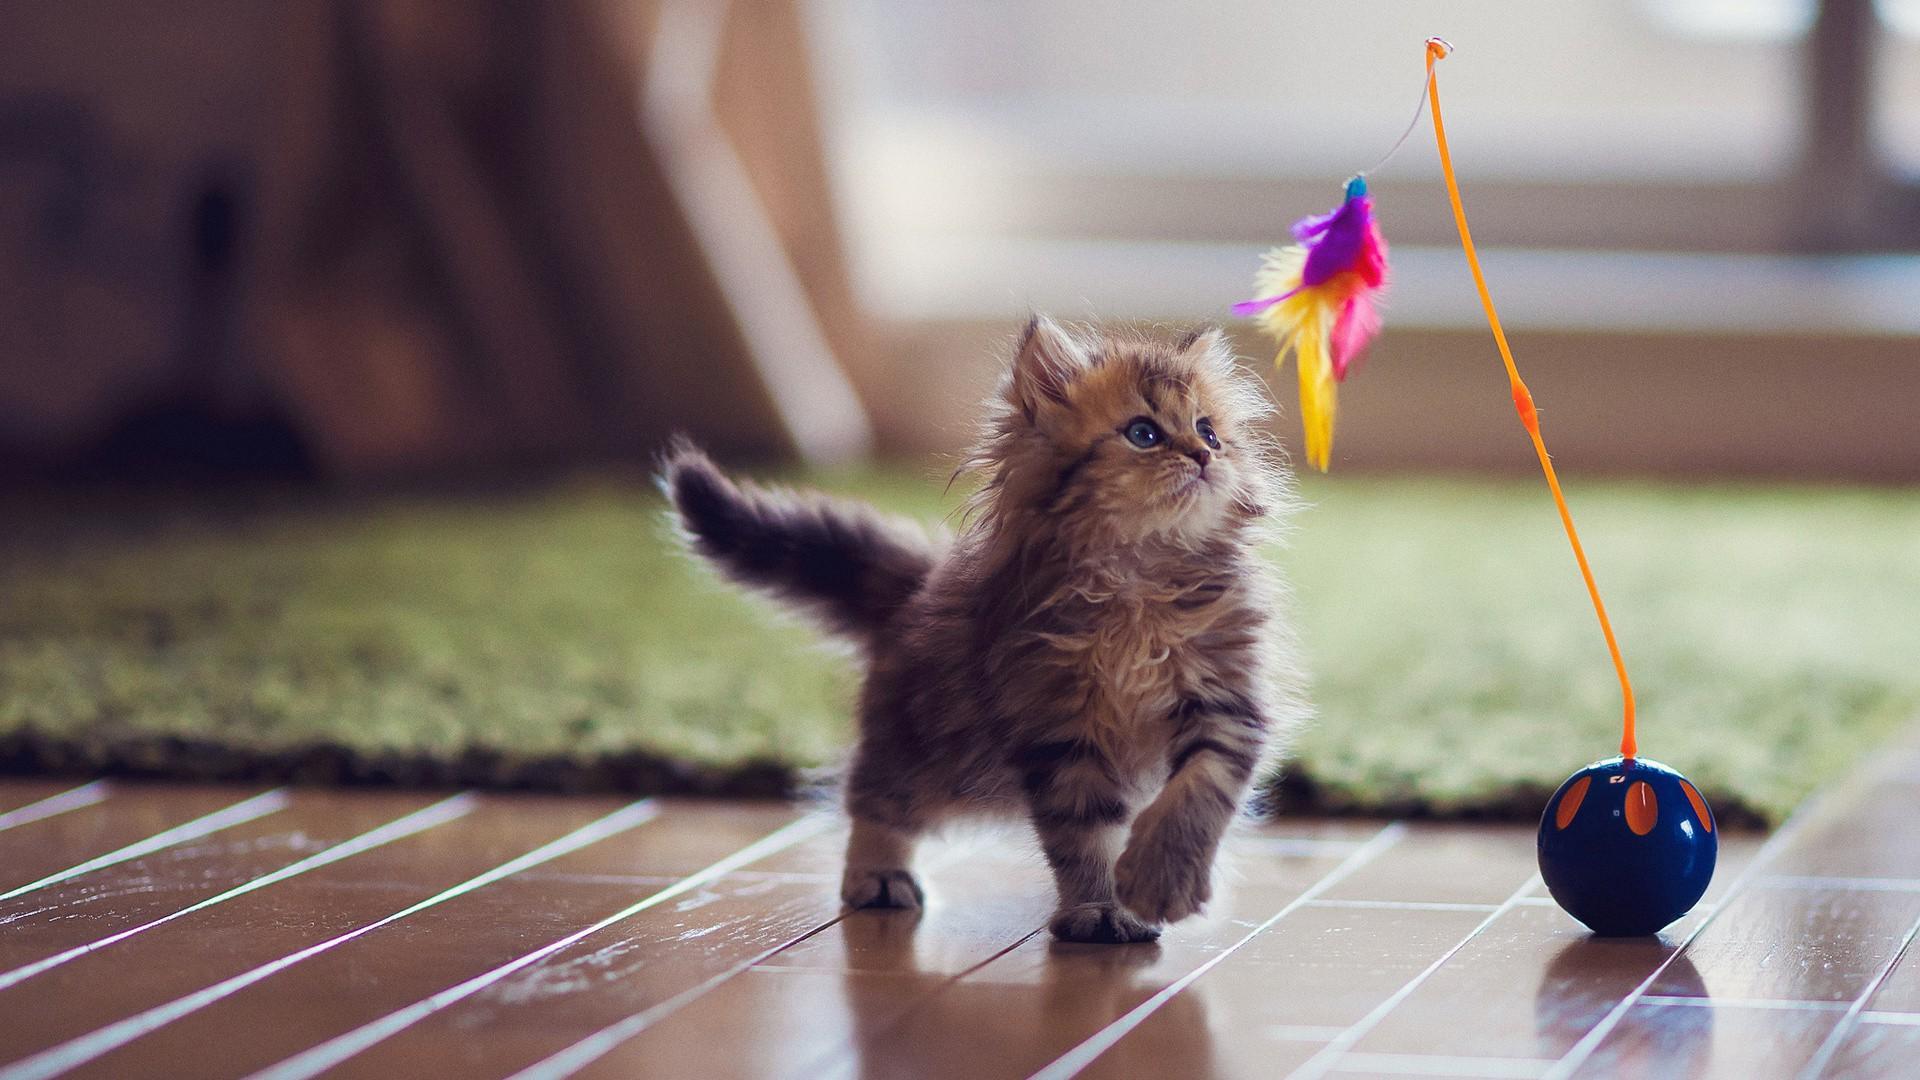 kediyle-birlikte-ev-tasima-patiliyo-3